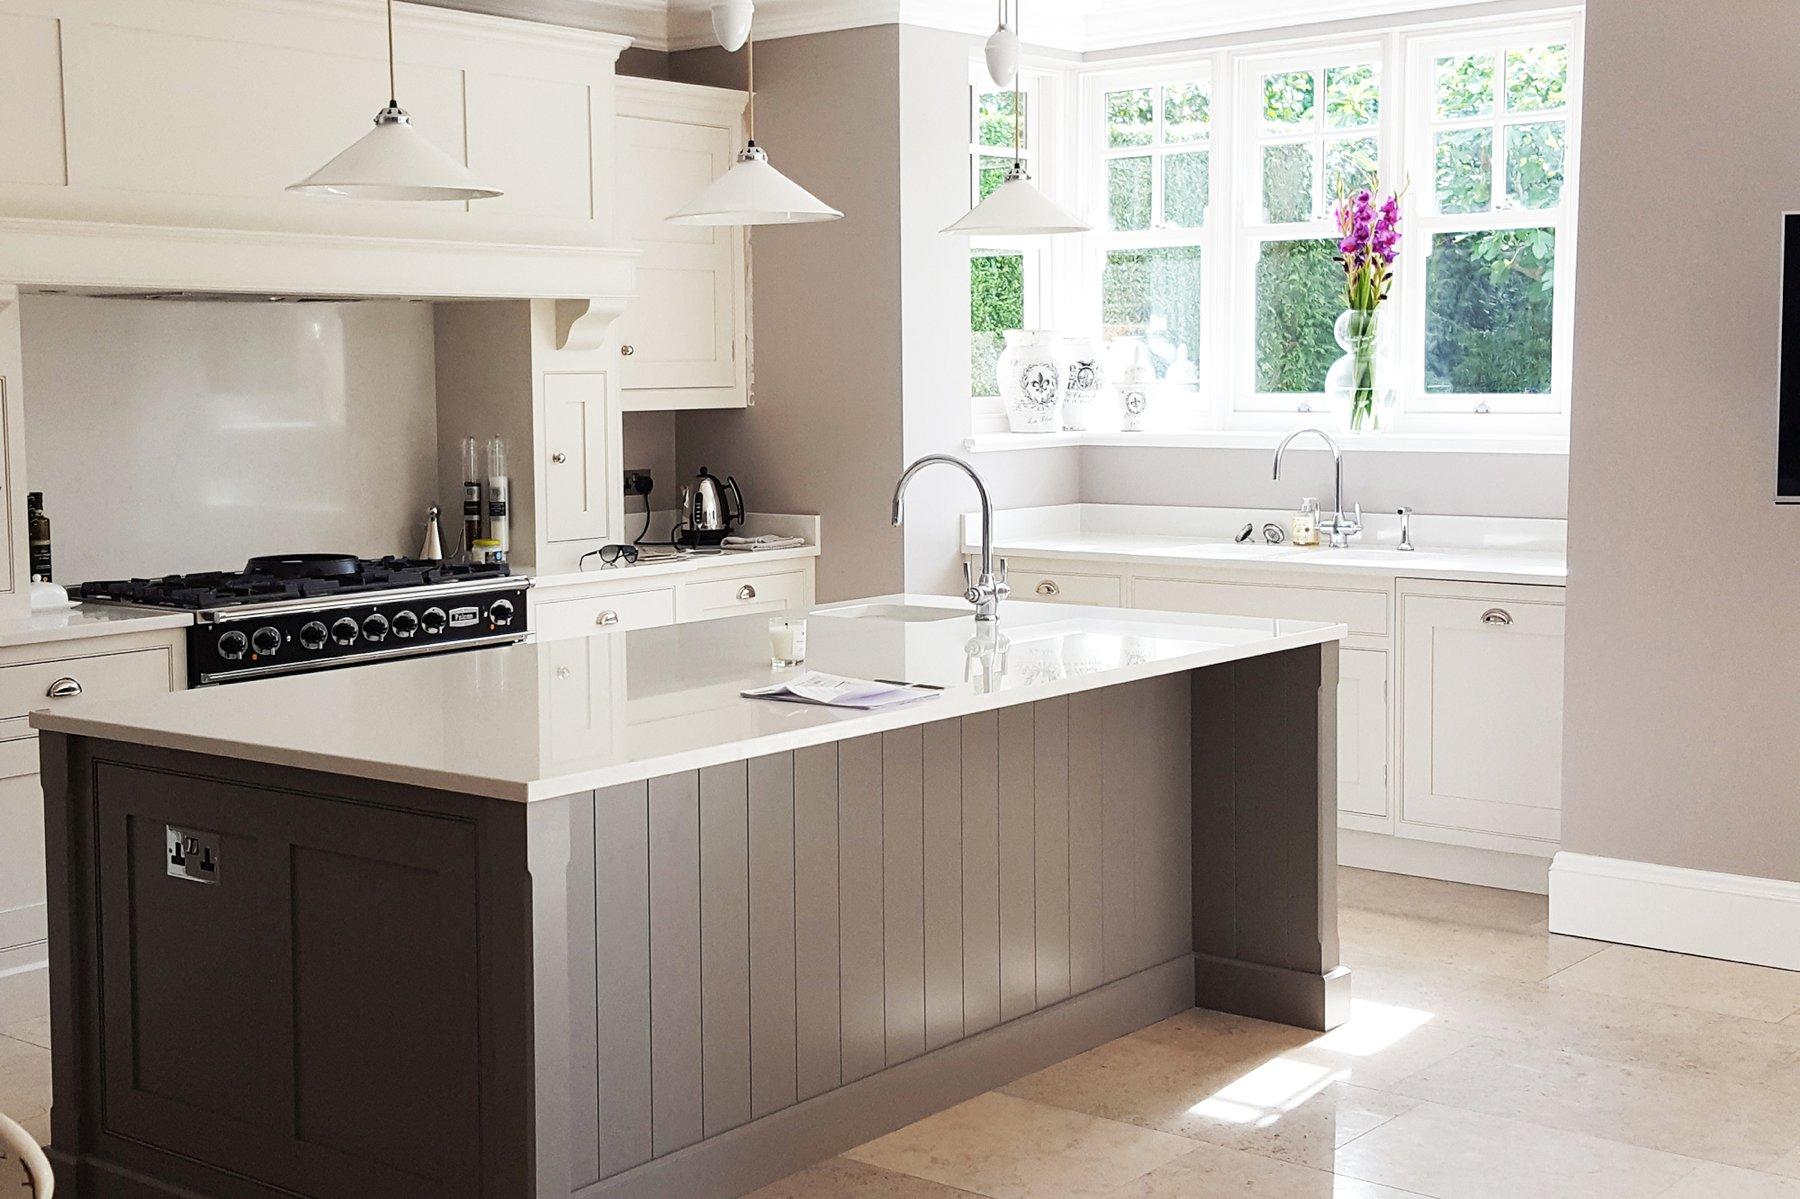 Bespoke Kitchen Design - Home & Furniture Design - Kitchenagenda.com